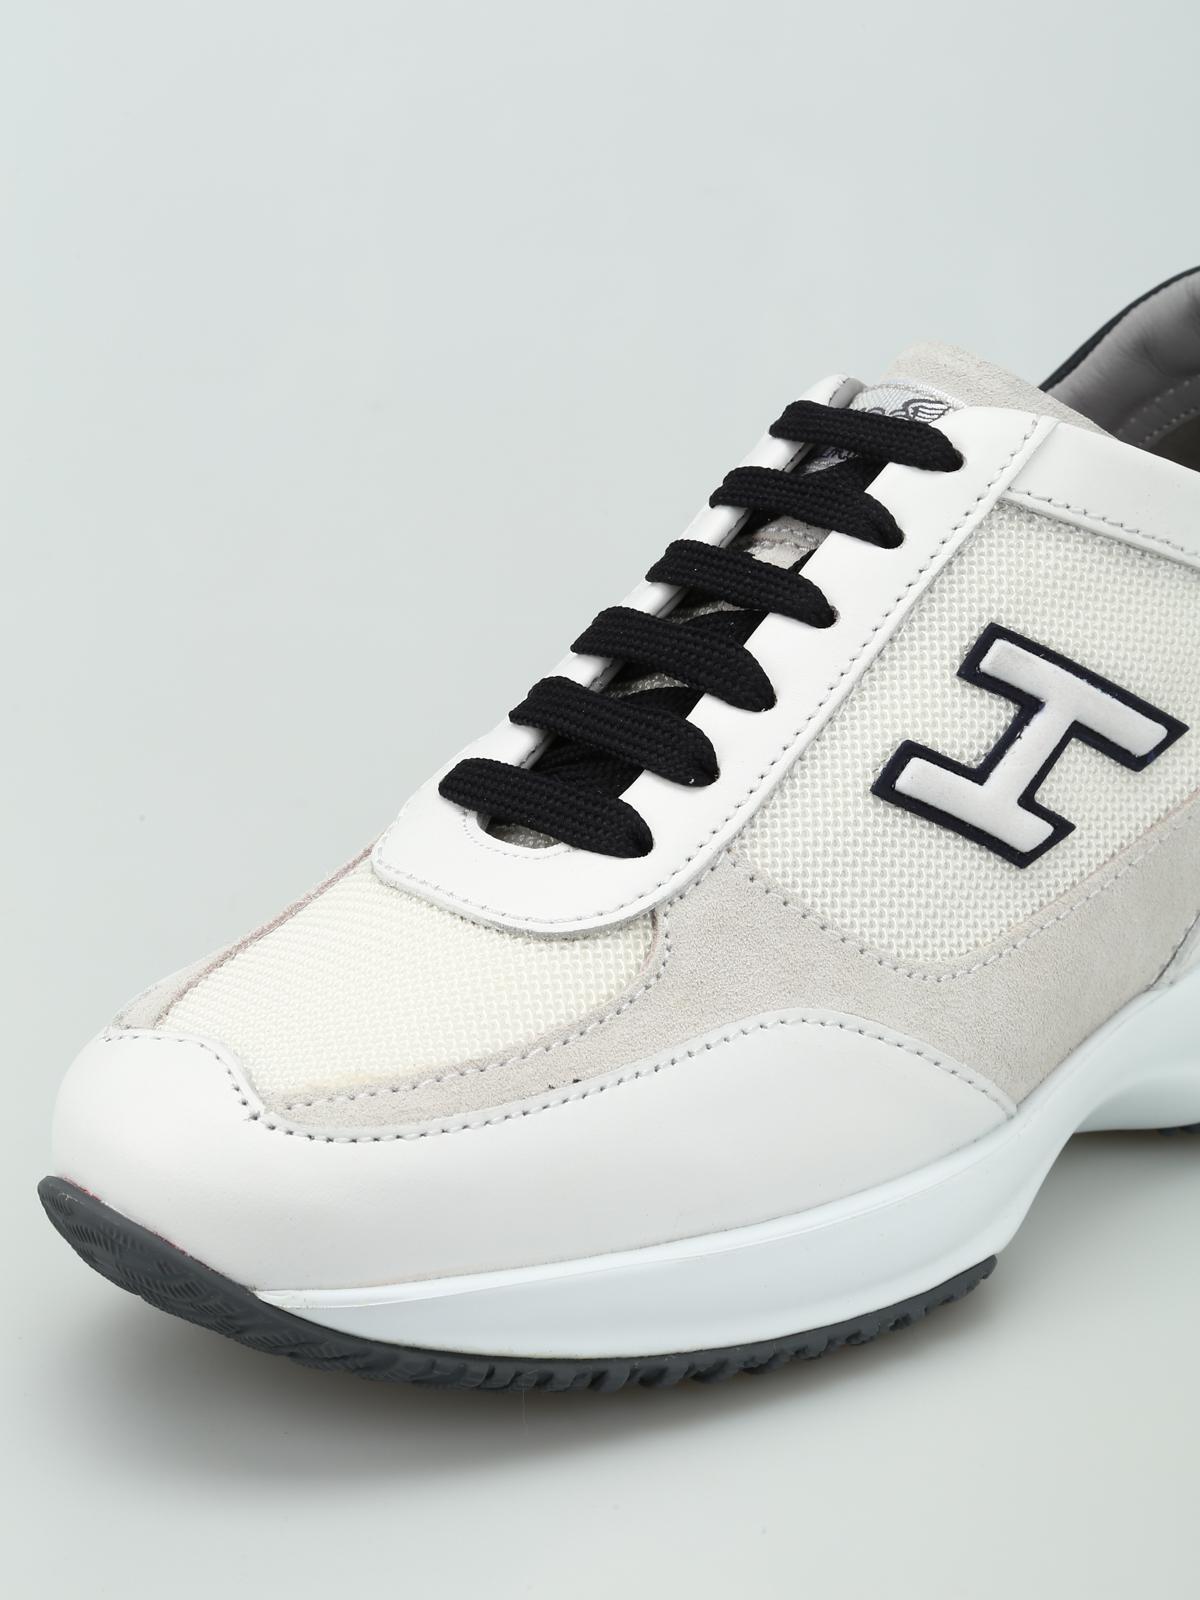 Blanc 3 Chaussures De Sport Interactive Hogan 11iMCUiUx